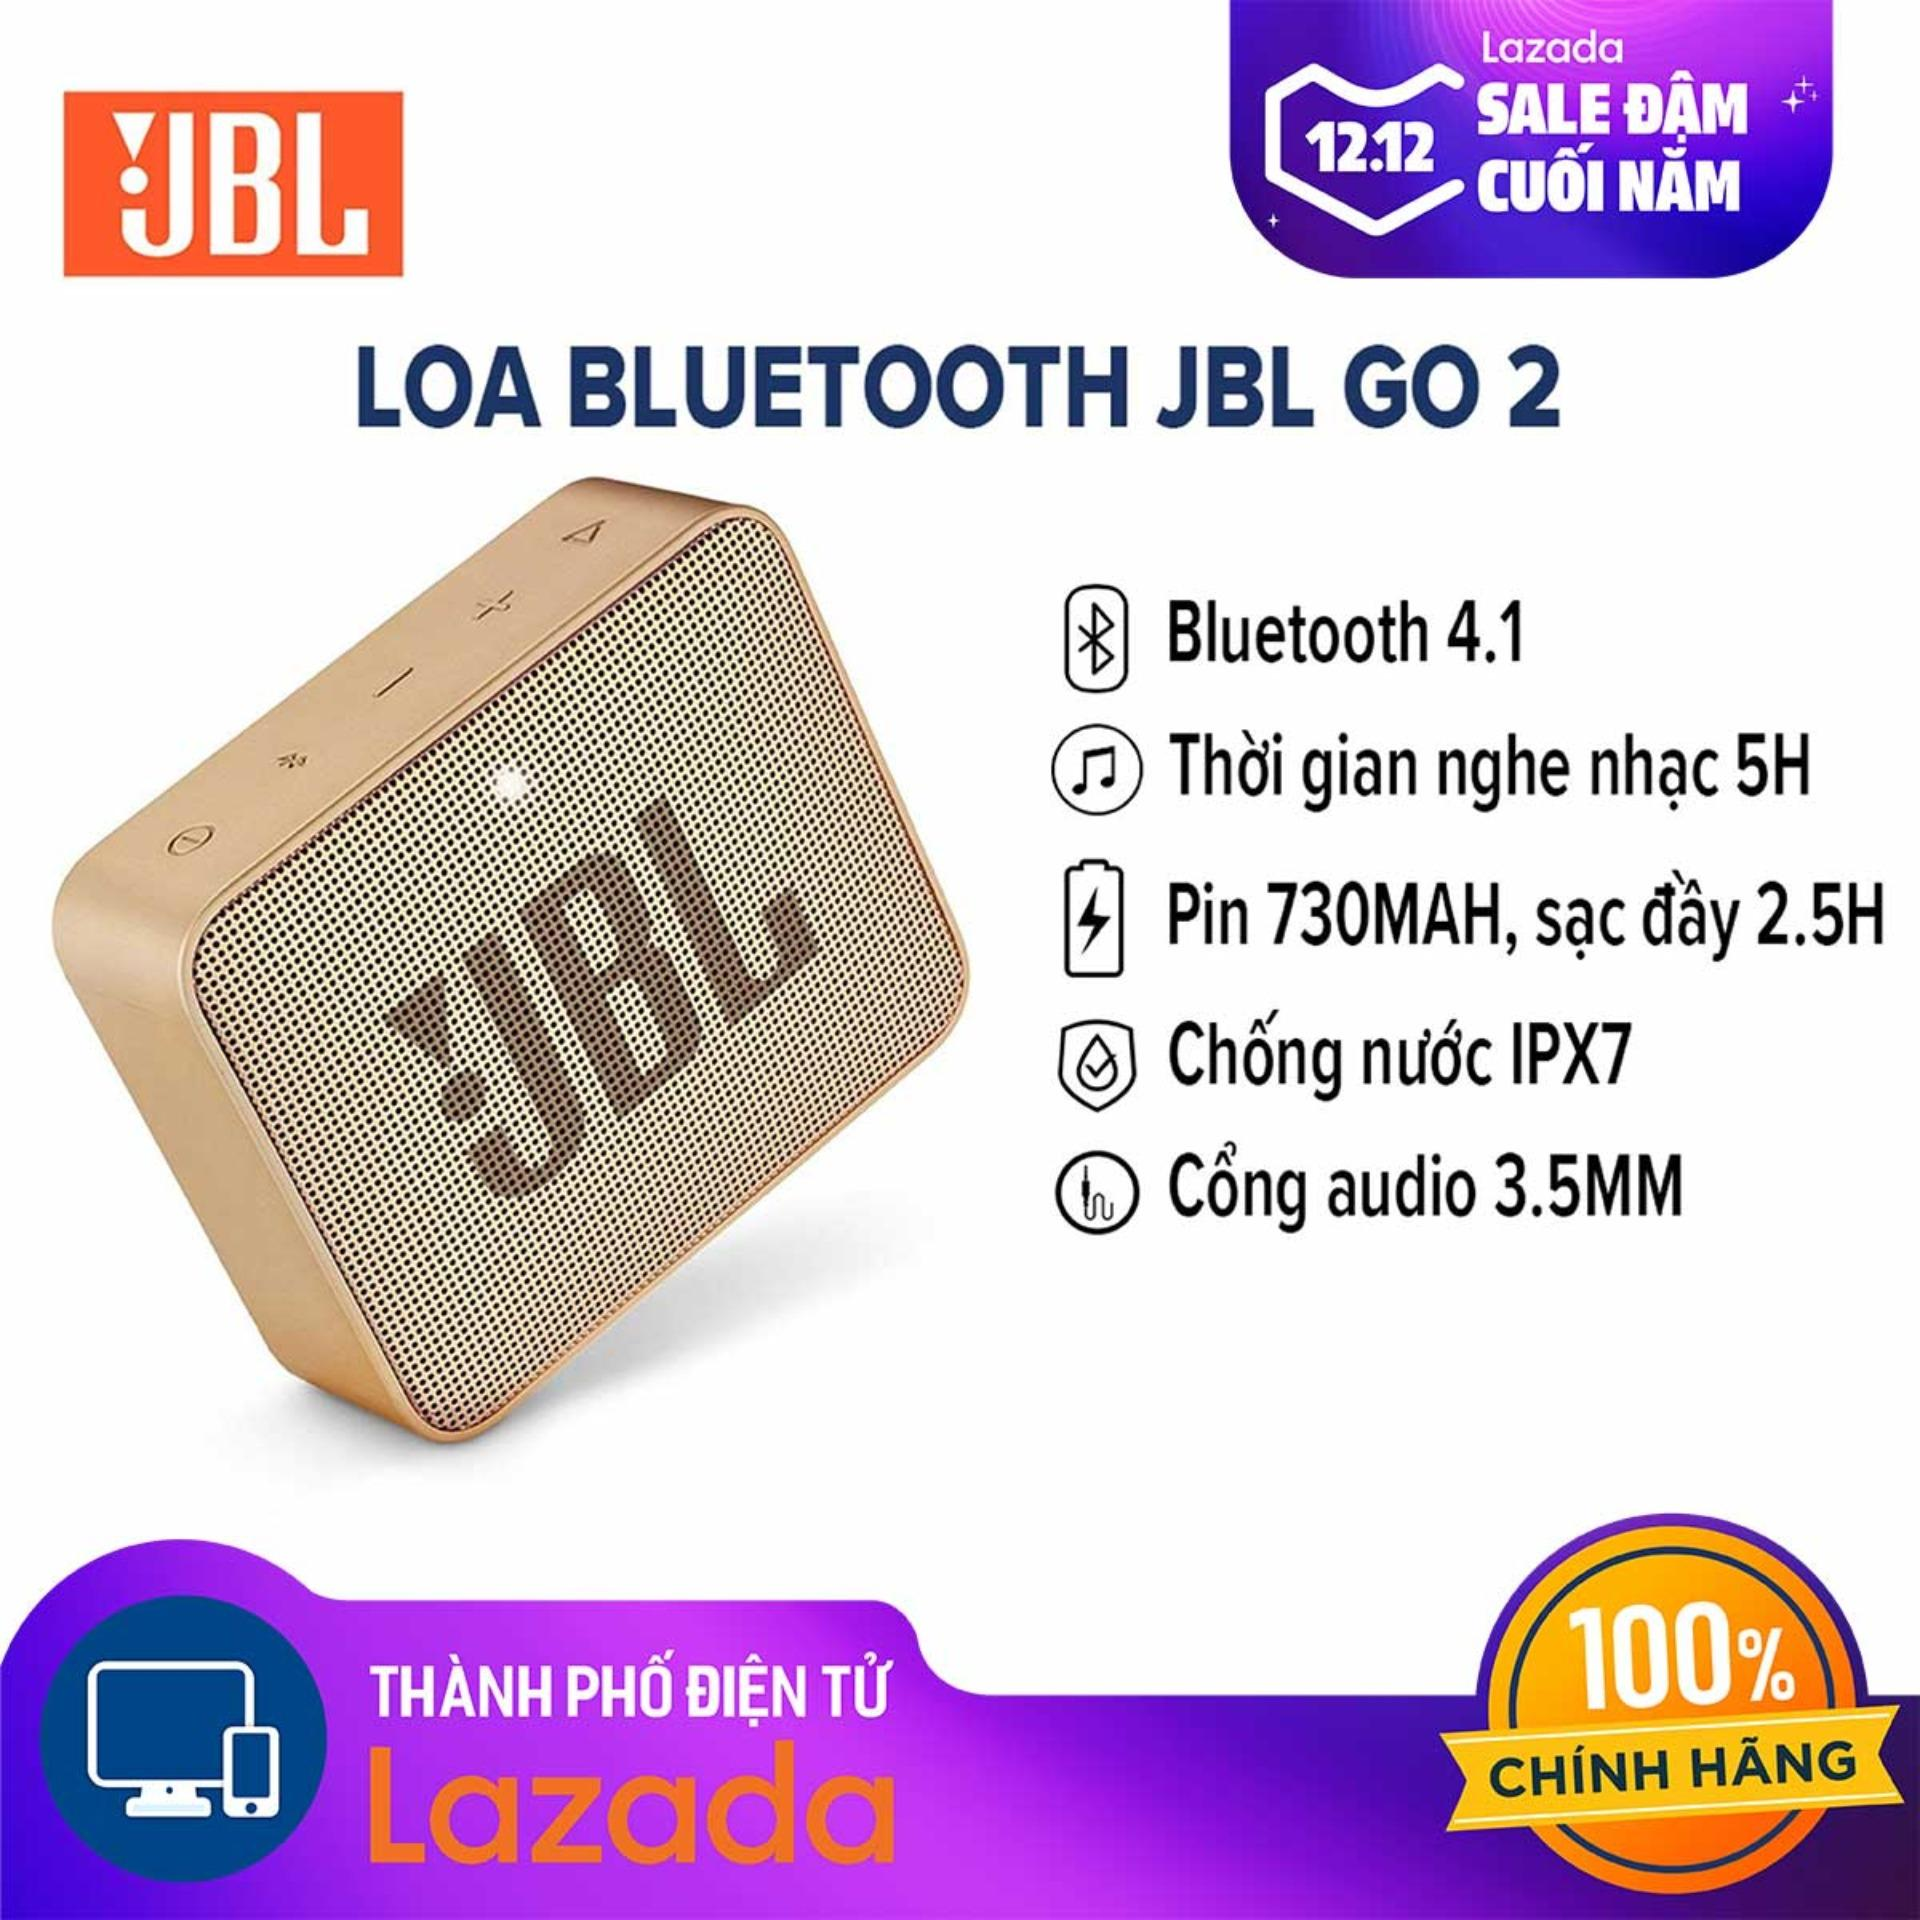 Giá Hot Duy Nhất tại Lazada Khi Mua Loa Di động Bluetooth JBL Go 2 - Chất âm Trong Trẻo - Tích Hợp Bluetooth 4.1  Cổng AUX 3.5mm Và Micro USB - Hàng Chính Hãng